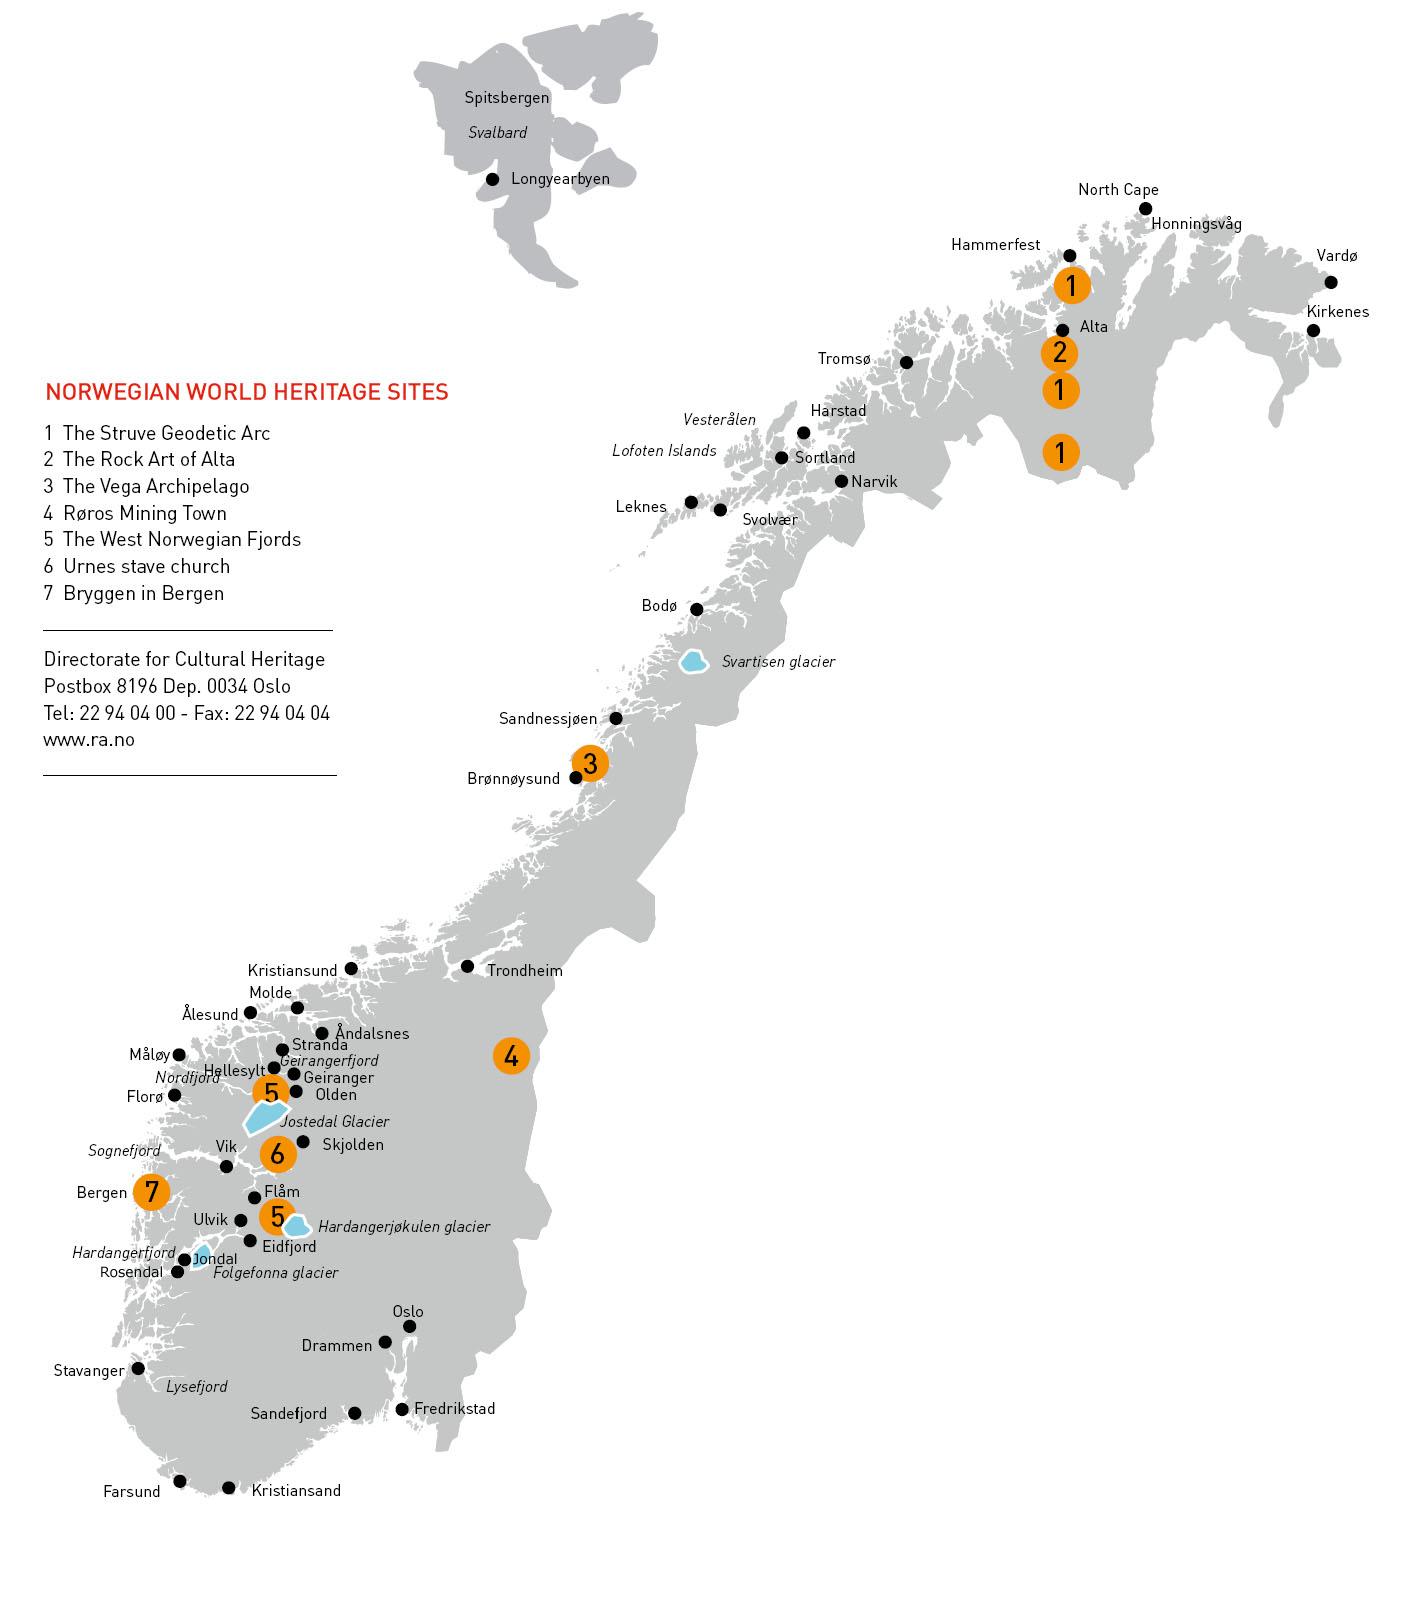 sevärdheter norge karta Bergen | Travel Forum sevärdheter norge karta